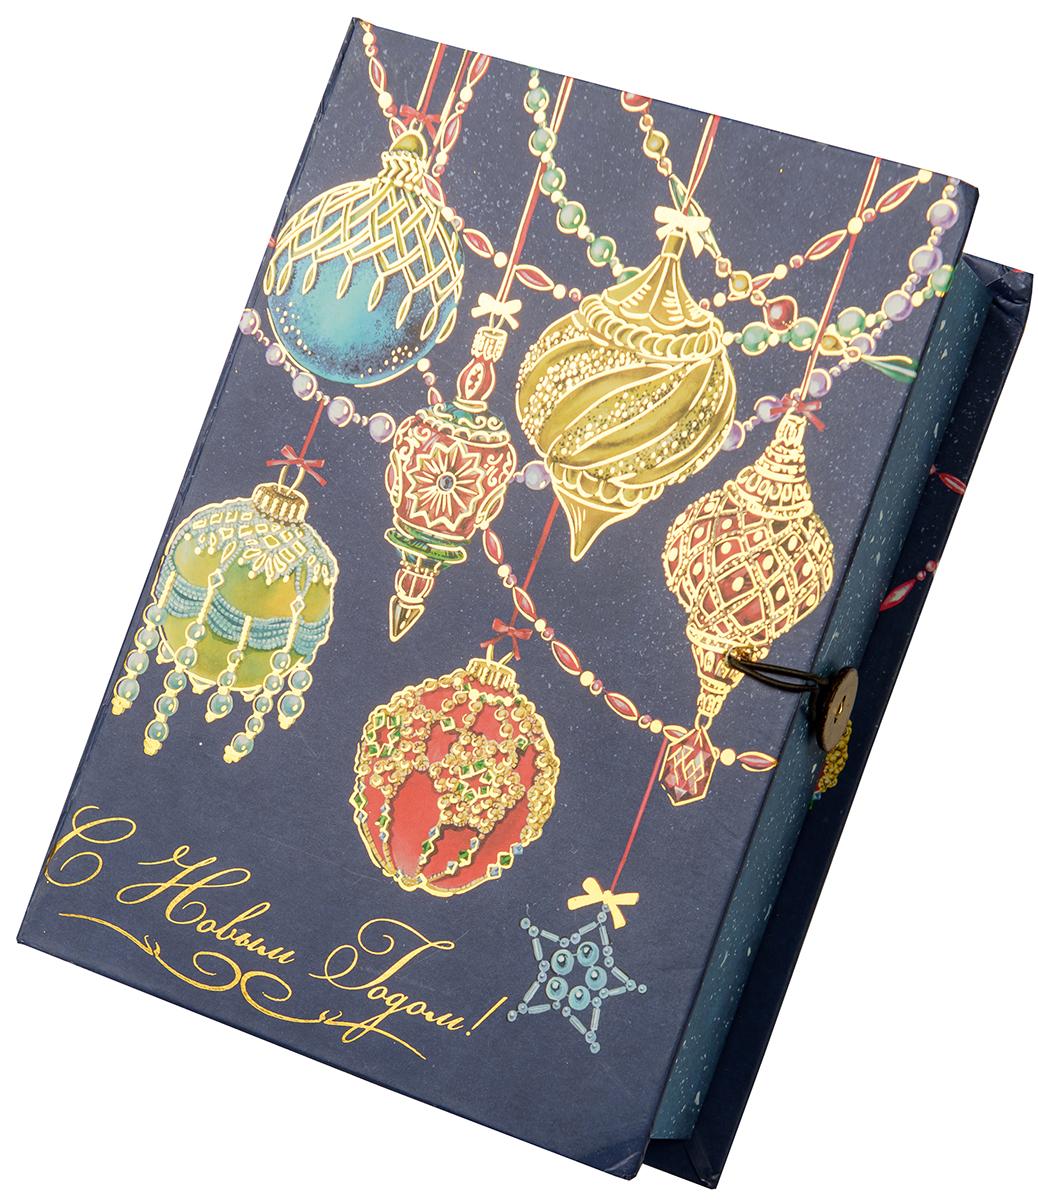 Коробка подарочная Magic Time Яркие игрушки, размер S. 7501875018Подарочная коробка Magic Time, выполненная из мелованного, ламинированного картона, закрывается на пуговицу. Крышка оформлена декоративным рисунком.Подарочная коробка - это наилучшее решение, если вы хотите порадовать ваших близких и создать праздничное настроение, ведь подарок, преподнесенный в оригинальной упаковке, всегда будет самым эффектным и запоминающимся. Окружите близких людей вниманием и заботой, вручив презент в нарядном, праздничном оформлении.Плотность картона: 1100 г/м2.